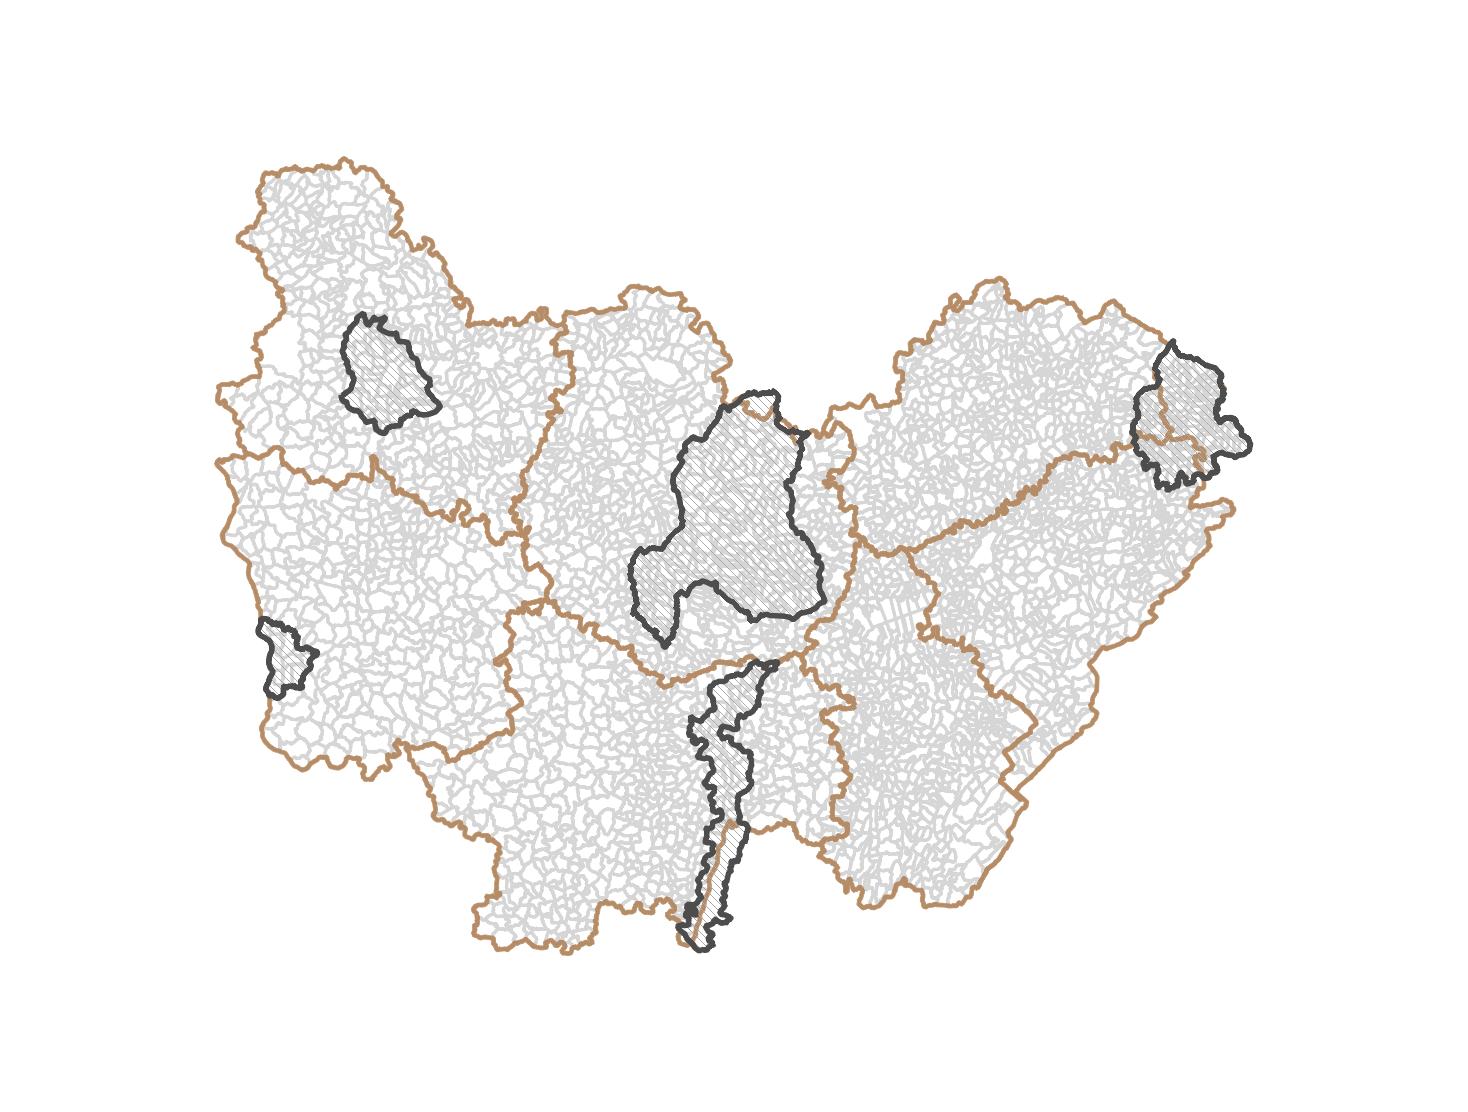 Périmètres des Stratégies Locales de Gestion des Risques Inondation en Bourgogne-Franche-Comté